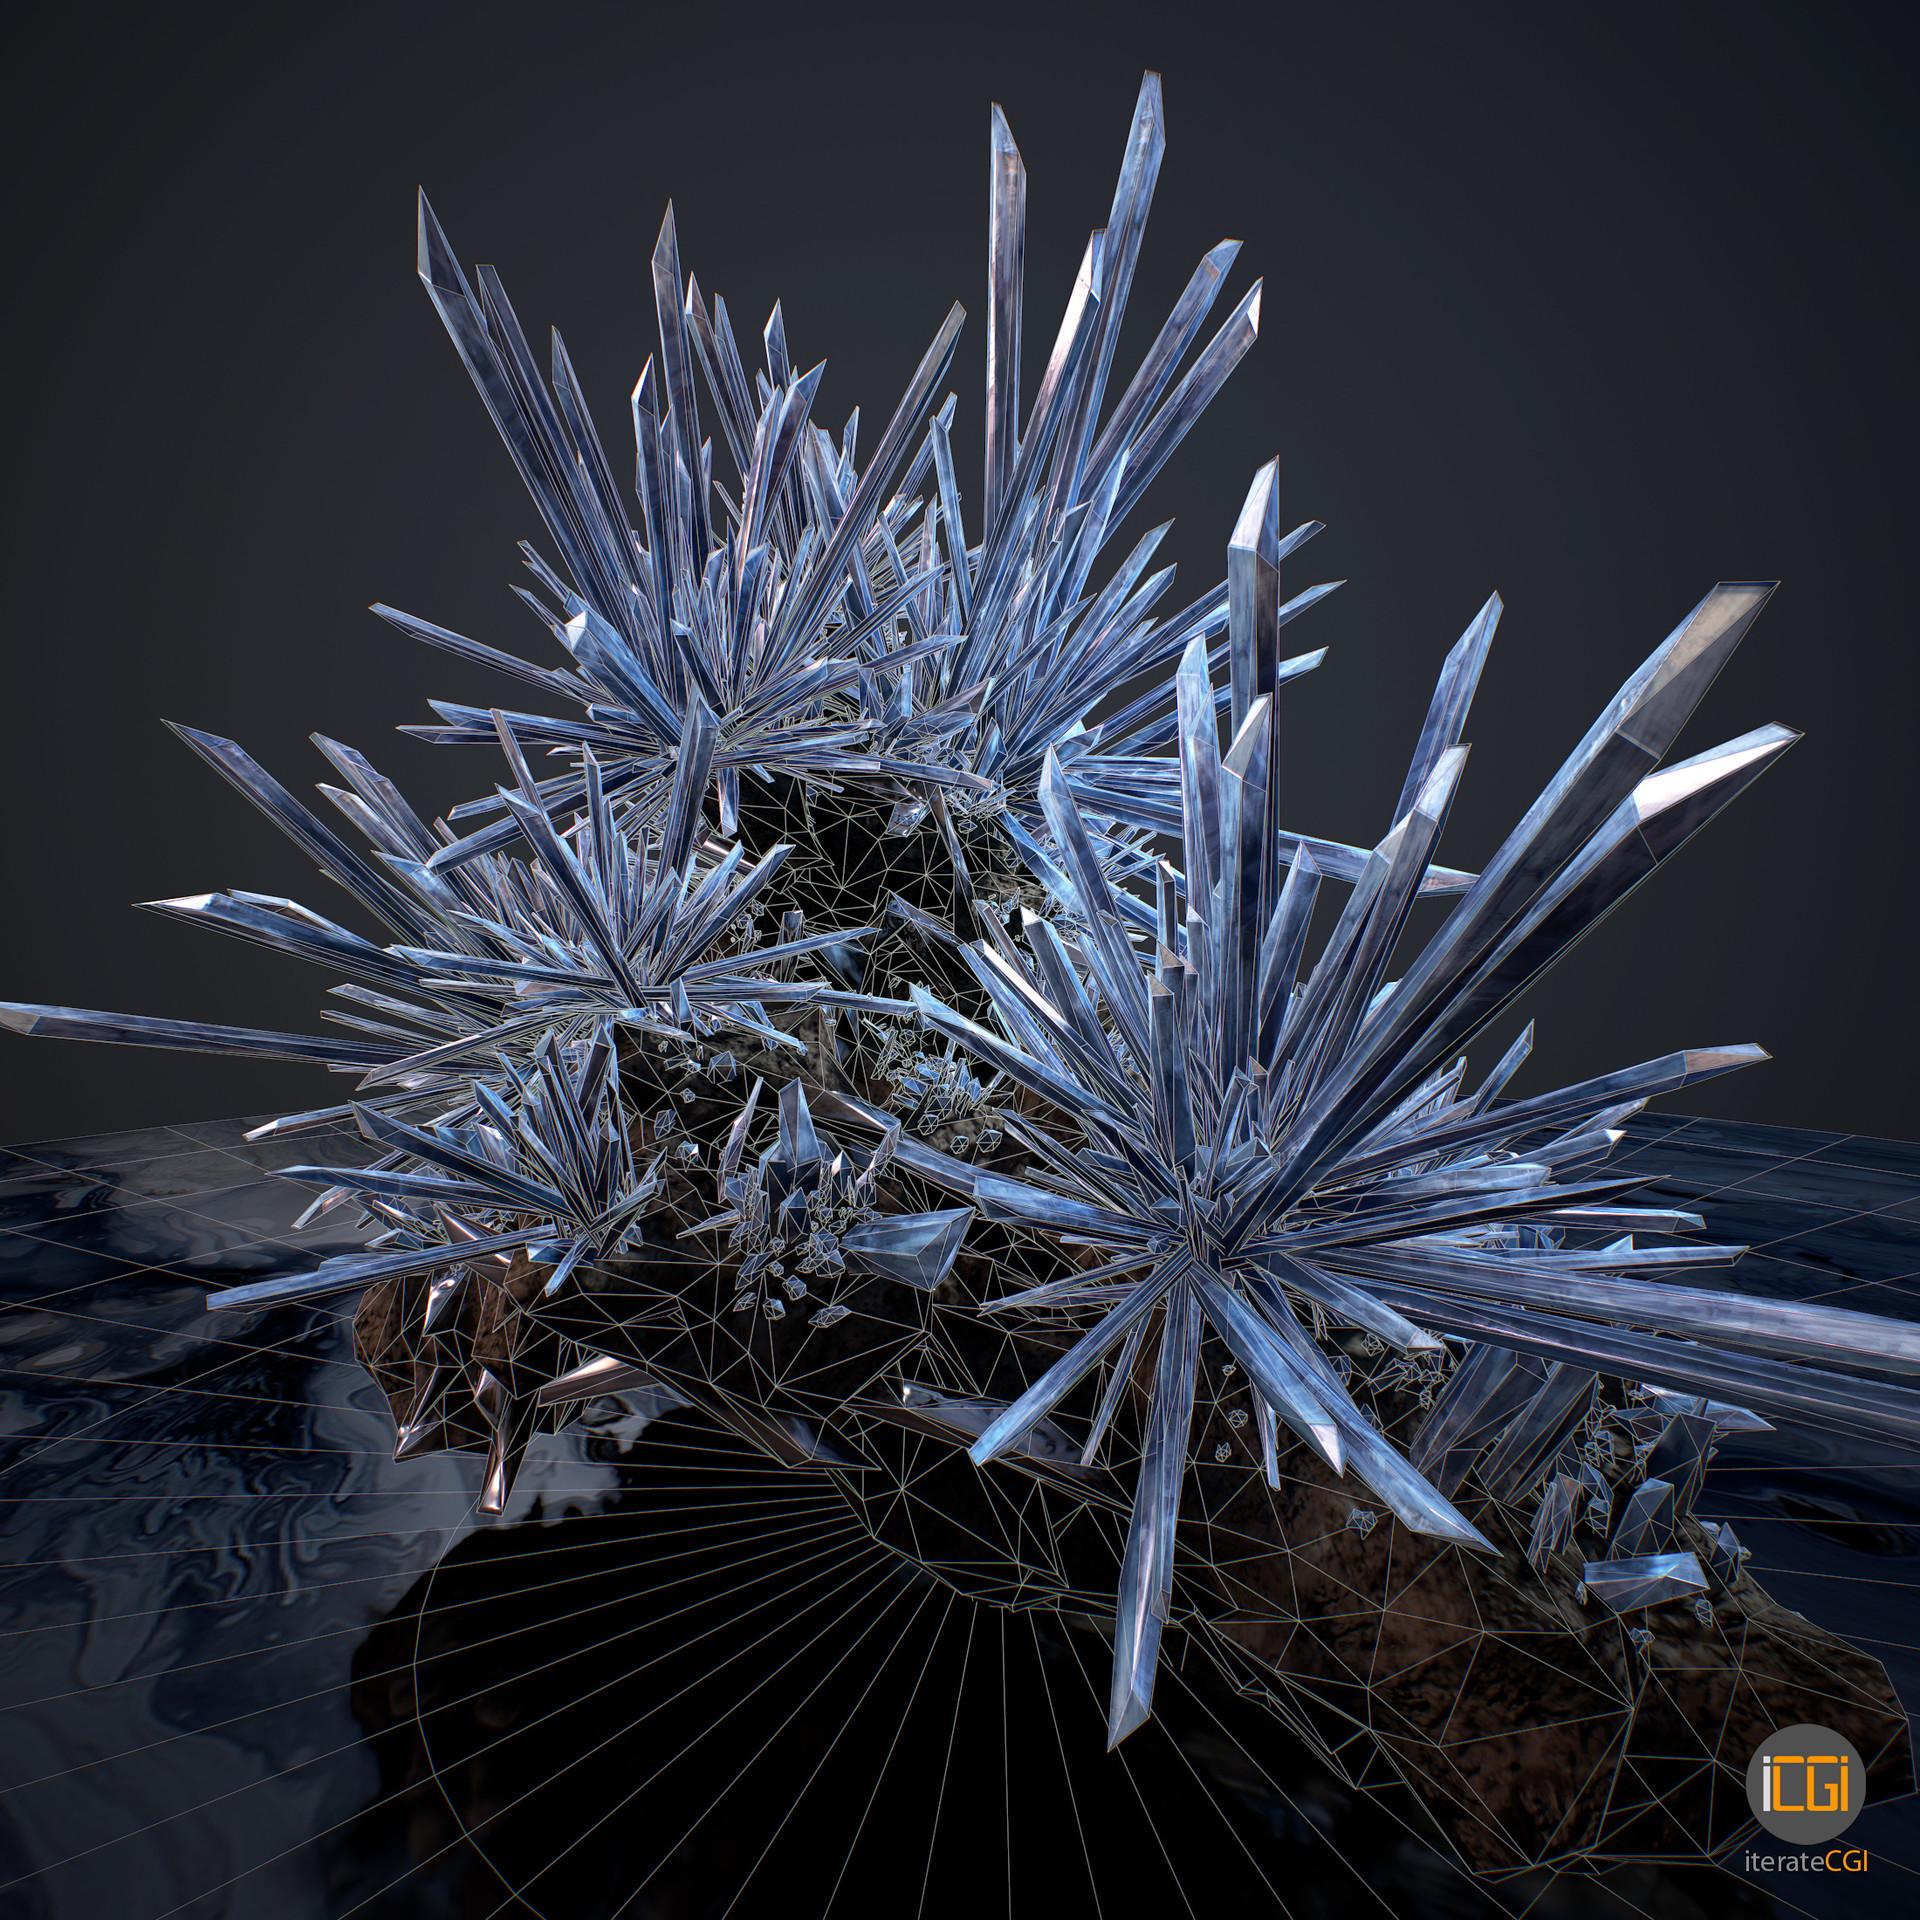 Johan de leenheer 3d cristals preview14